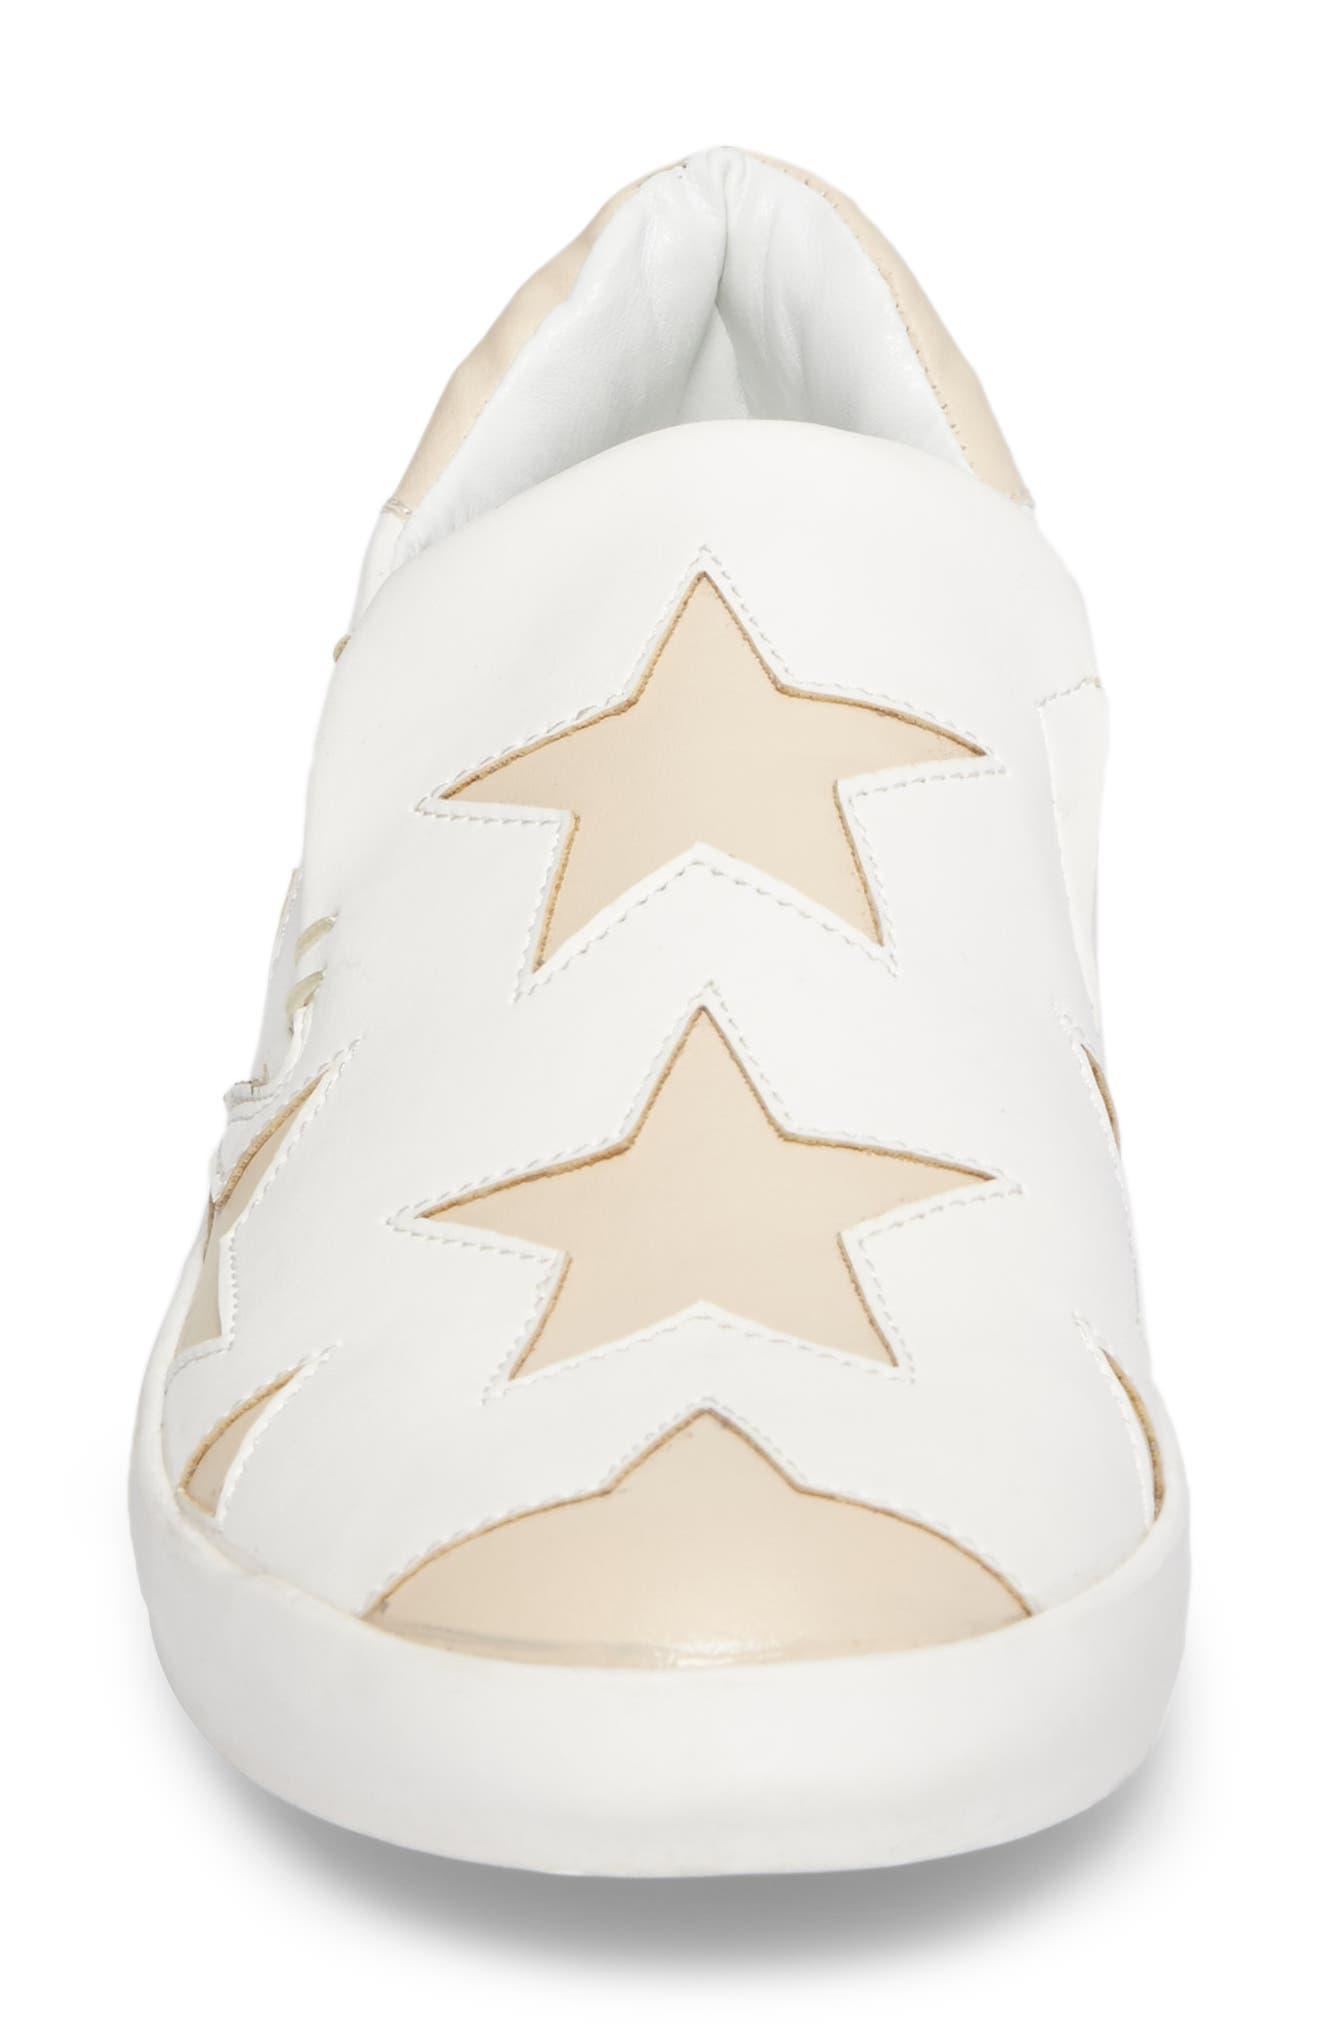 Highlight Slip-On Star Sneaker,                             Alternate thumbnail 4, color,                             White